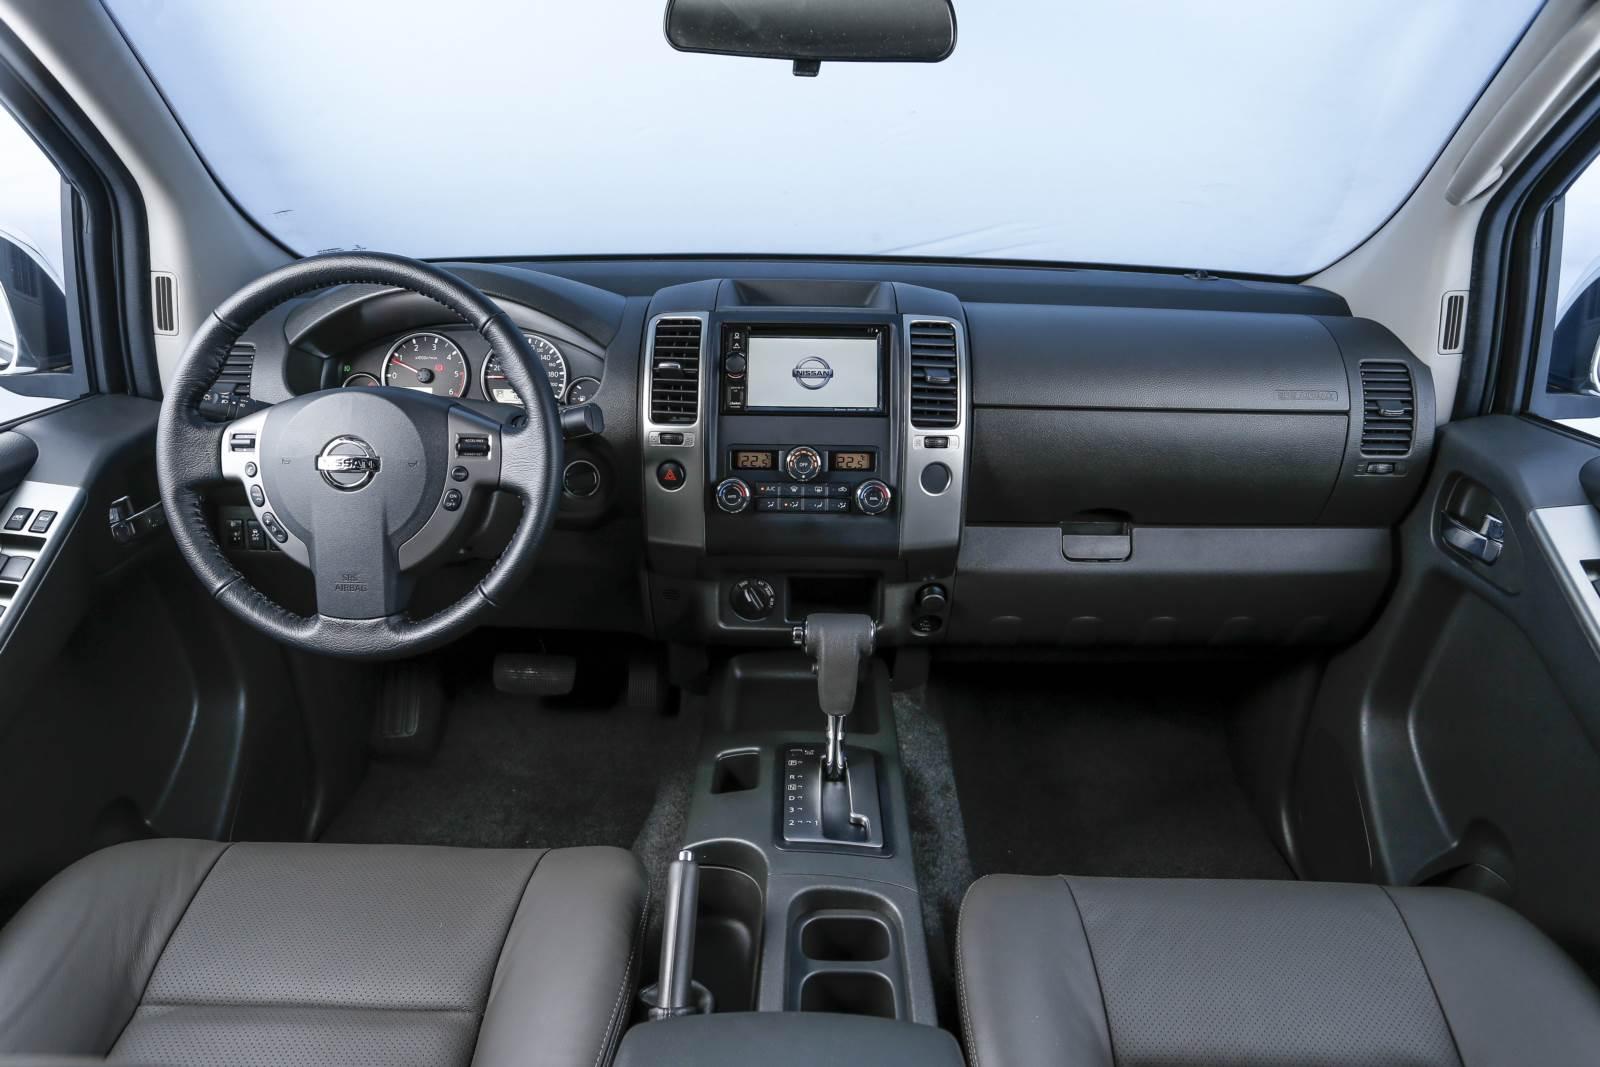 Nissan Frontier 2015 Fotos Pre 231 Os E Especifica 231 245 Es Car